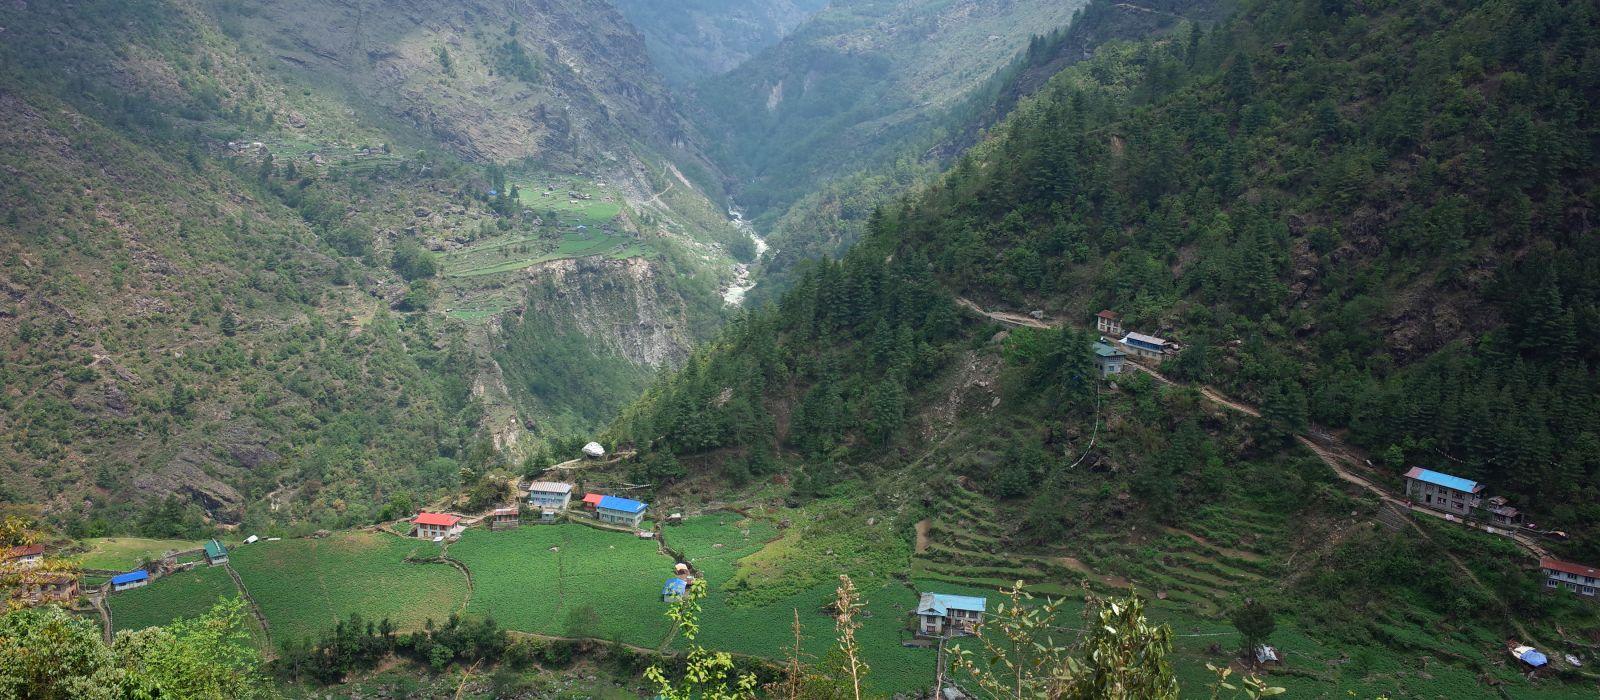 Grüne Berglandschaft. Surke Dorf und Dudh Koshi Tal bei Lukla, Solukhumbu, Everest Region, Nepal, Asien